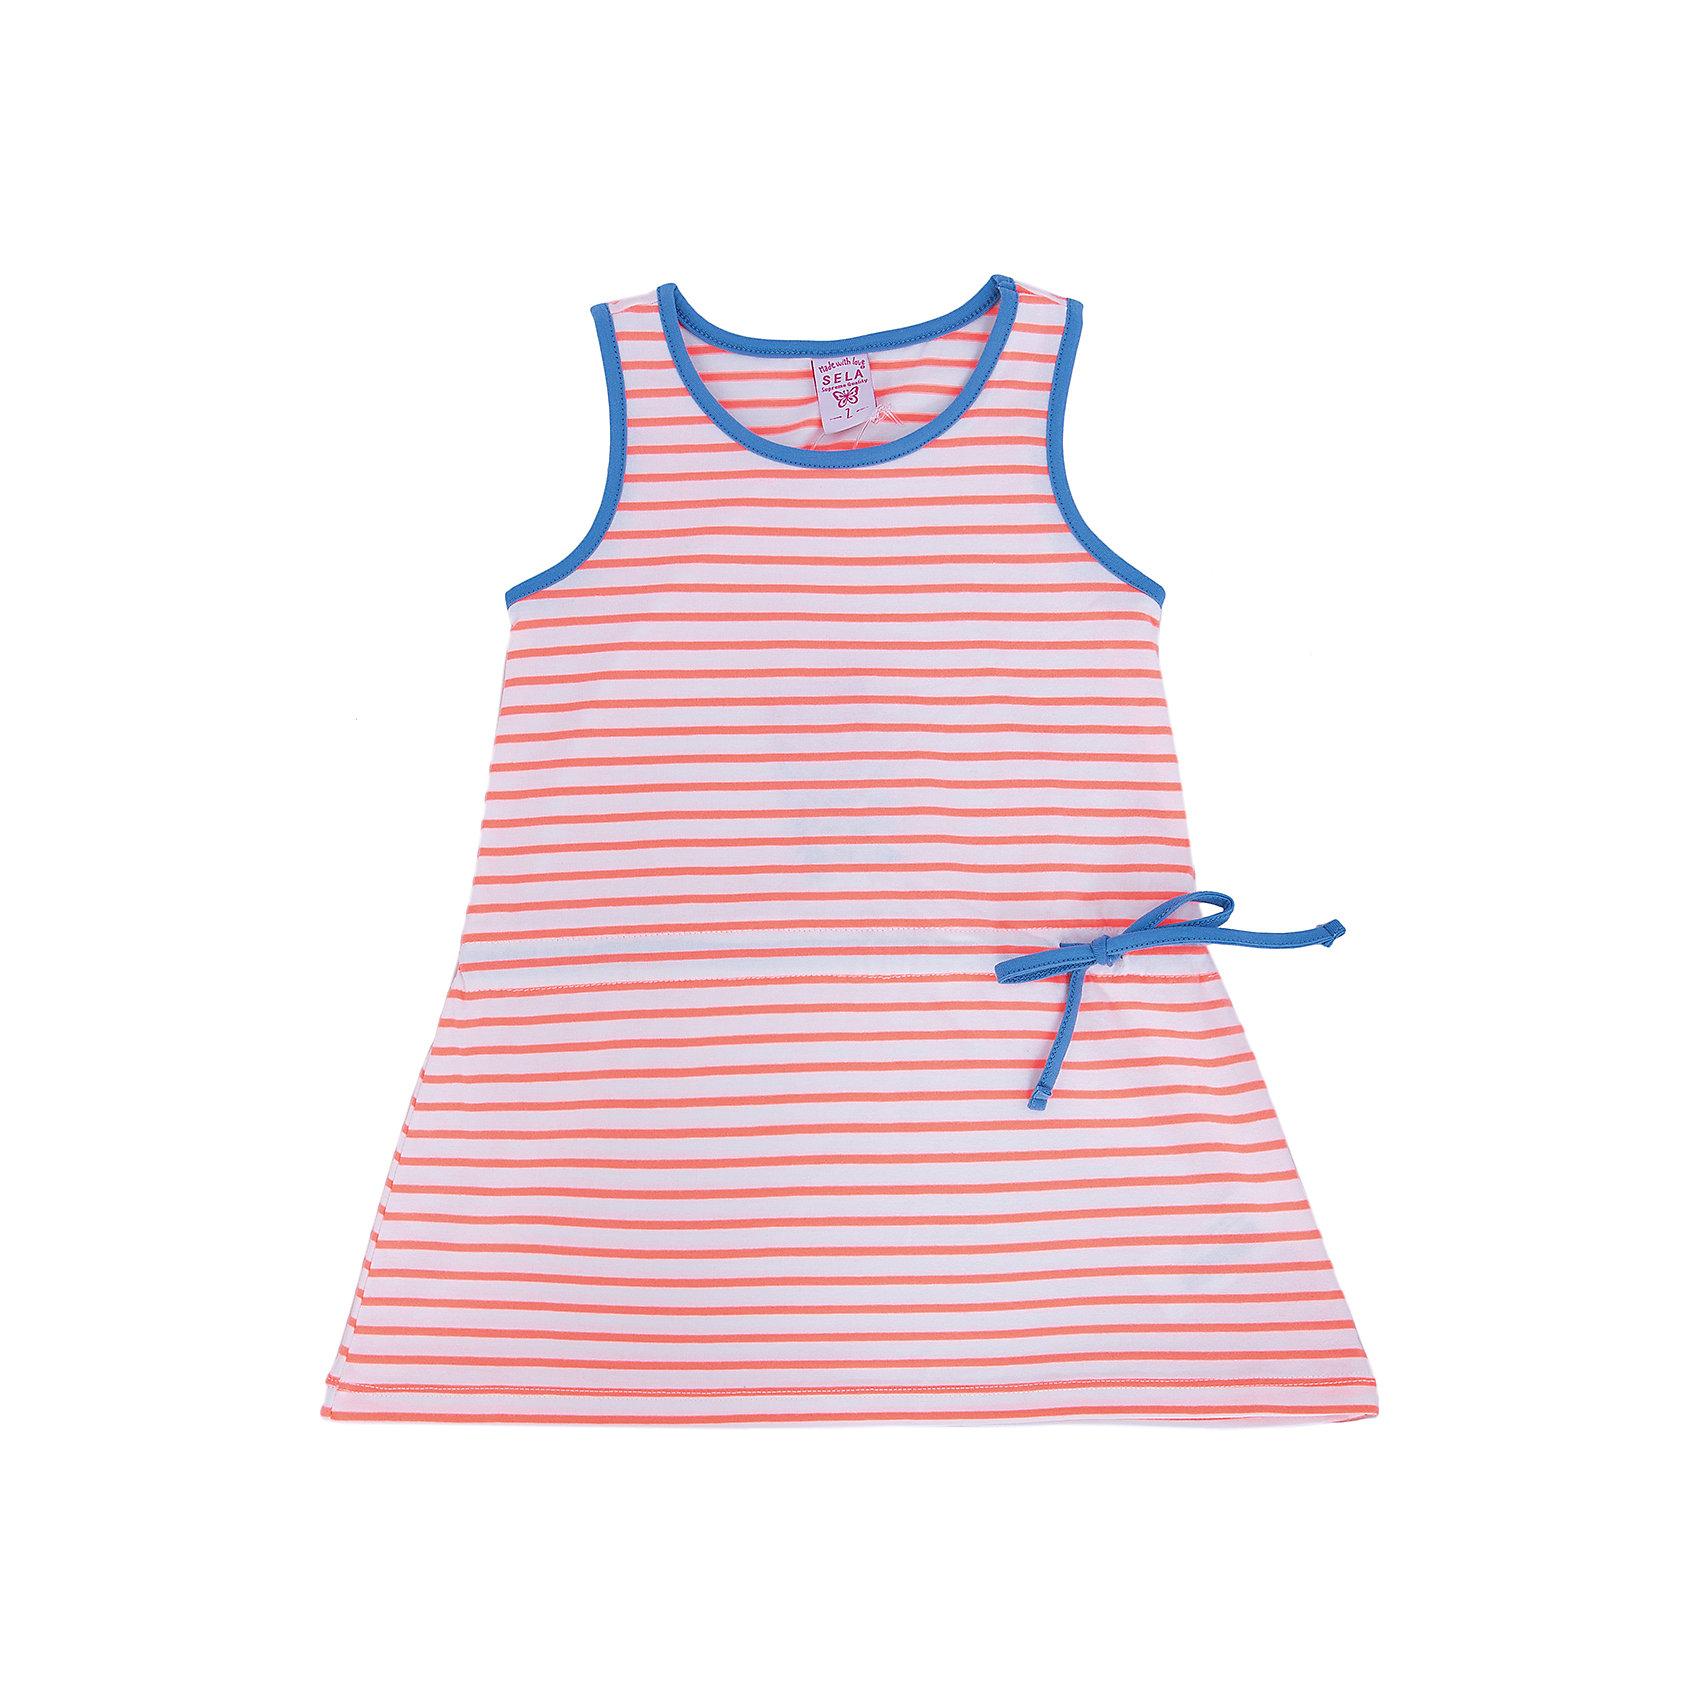 Платье для девочки SELAПлатья и сарафаны<br>Платье от известной марки SELА поможет разнообразить летний гардероб девочки, создать нарядный или повседневный образ. Удобный крой и качественный материал обеспечат ребенку комфорт при ношении этой вещи. <br>На горловине изделия - мягкая окантовка. Силуэт - стильный,  расширенный к низу. Приятная на ощупь ткань не вызывает аллергии.<br><br>Дополнительная информация:<br><br>материал: 66% хлопок, 29% ПЭ, 5% эластан;<br>цвет: разноцветный;<br>длина выше колен;<br>без рукавов;<br>силуэт расширенный к низу;<br>круглый горловой вырез;<br>уход за изделием: стирка в машине при температуре до 30°С, не отбеливать, гладить при низкой температуре.<br><br>Платье от бренда SELА (Села) можно купить в нашем магазине.<br><br>Ширина мм: 236<br>Глубина мм: 16<br>Высота мм: 184<br>Вес г: 177<br>Цвет: оранжевый<br>Возраст от месяцев: 36<br>Возраст до месяцев: 48<br>Пол: Женский<br>Возраст: Детский<br>Размер: 104,110,116,92,98<br>SKU: 4741591